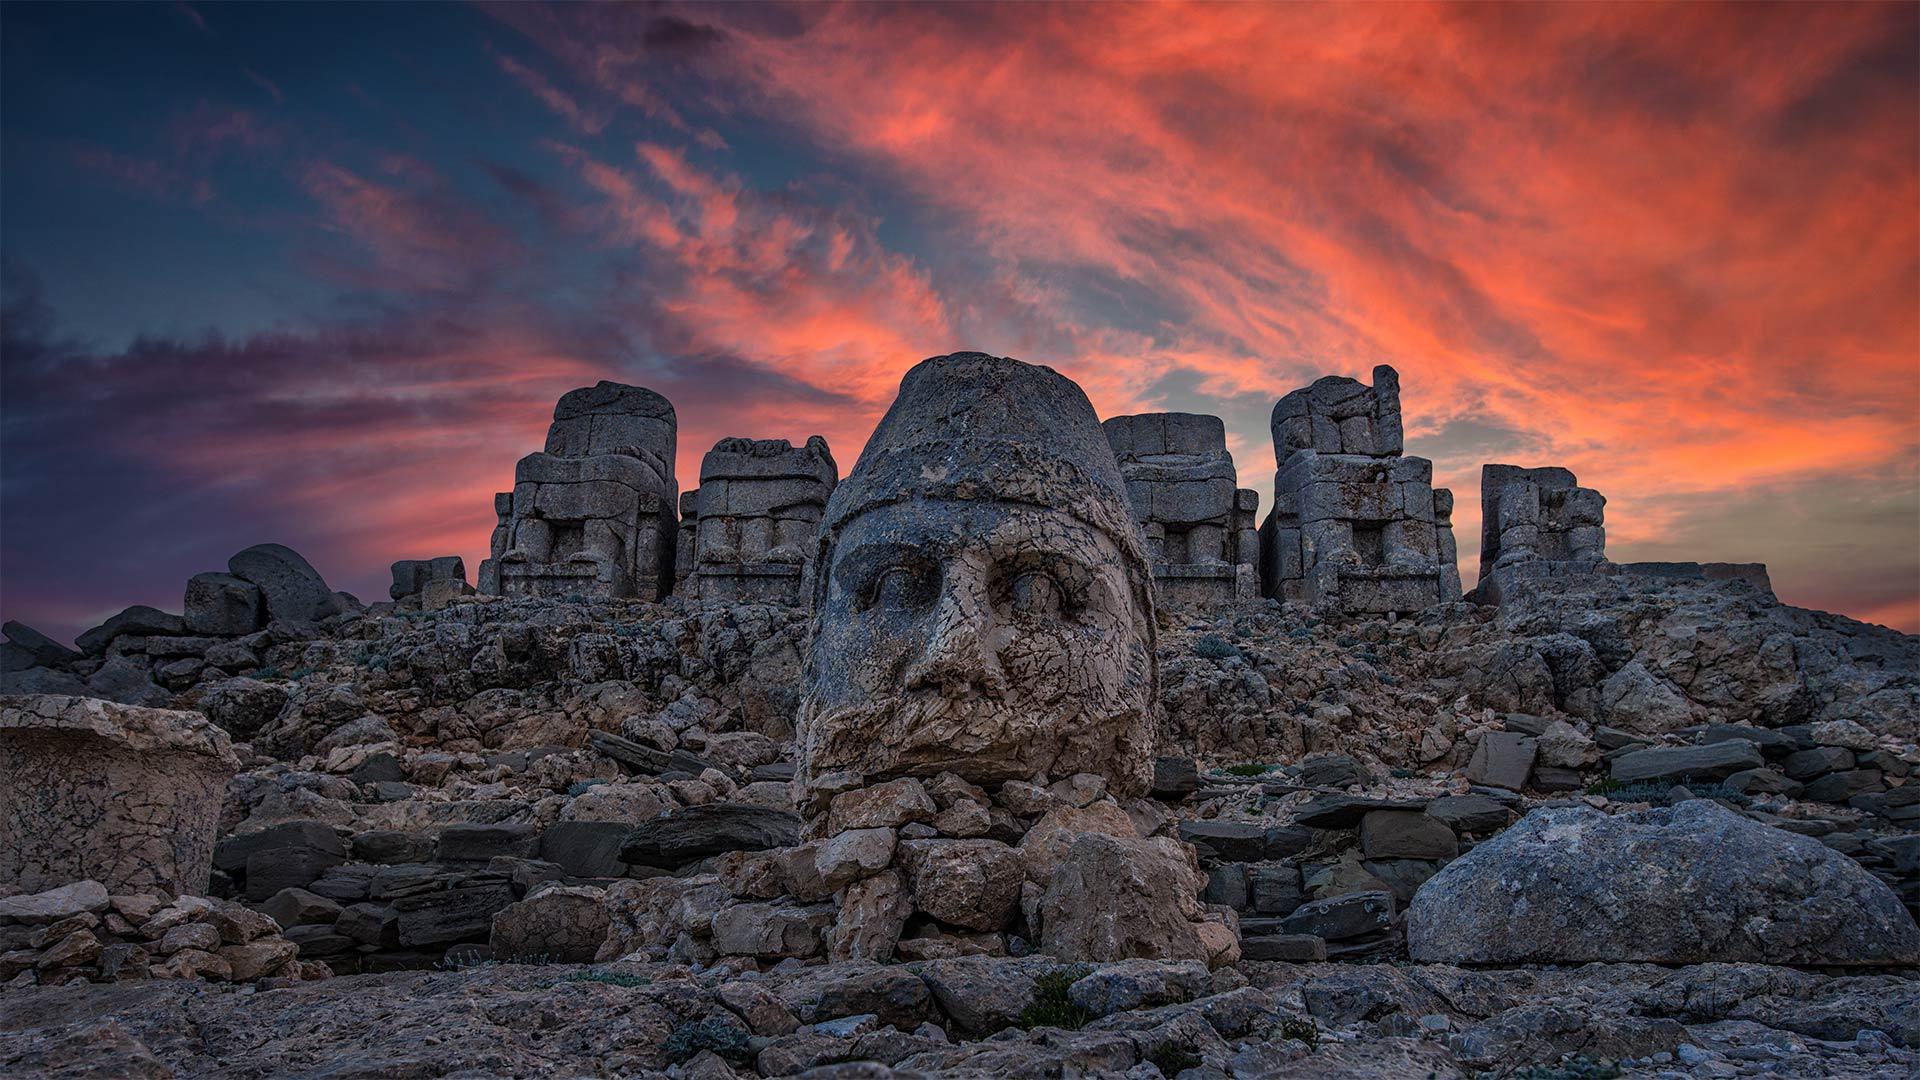 内姆鲁特山上巨大的石灰岩雕像内姆鲁特山